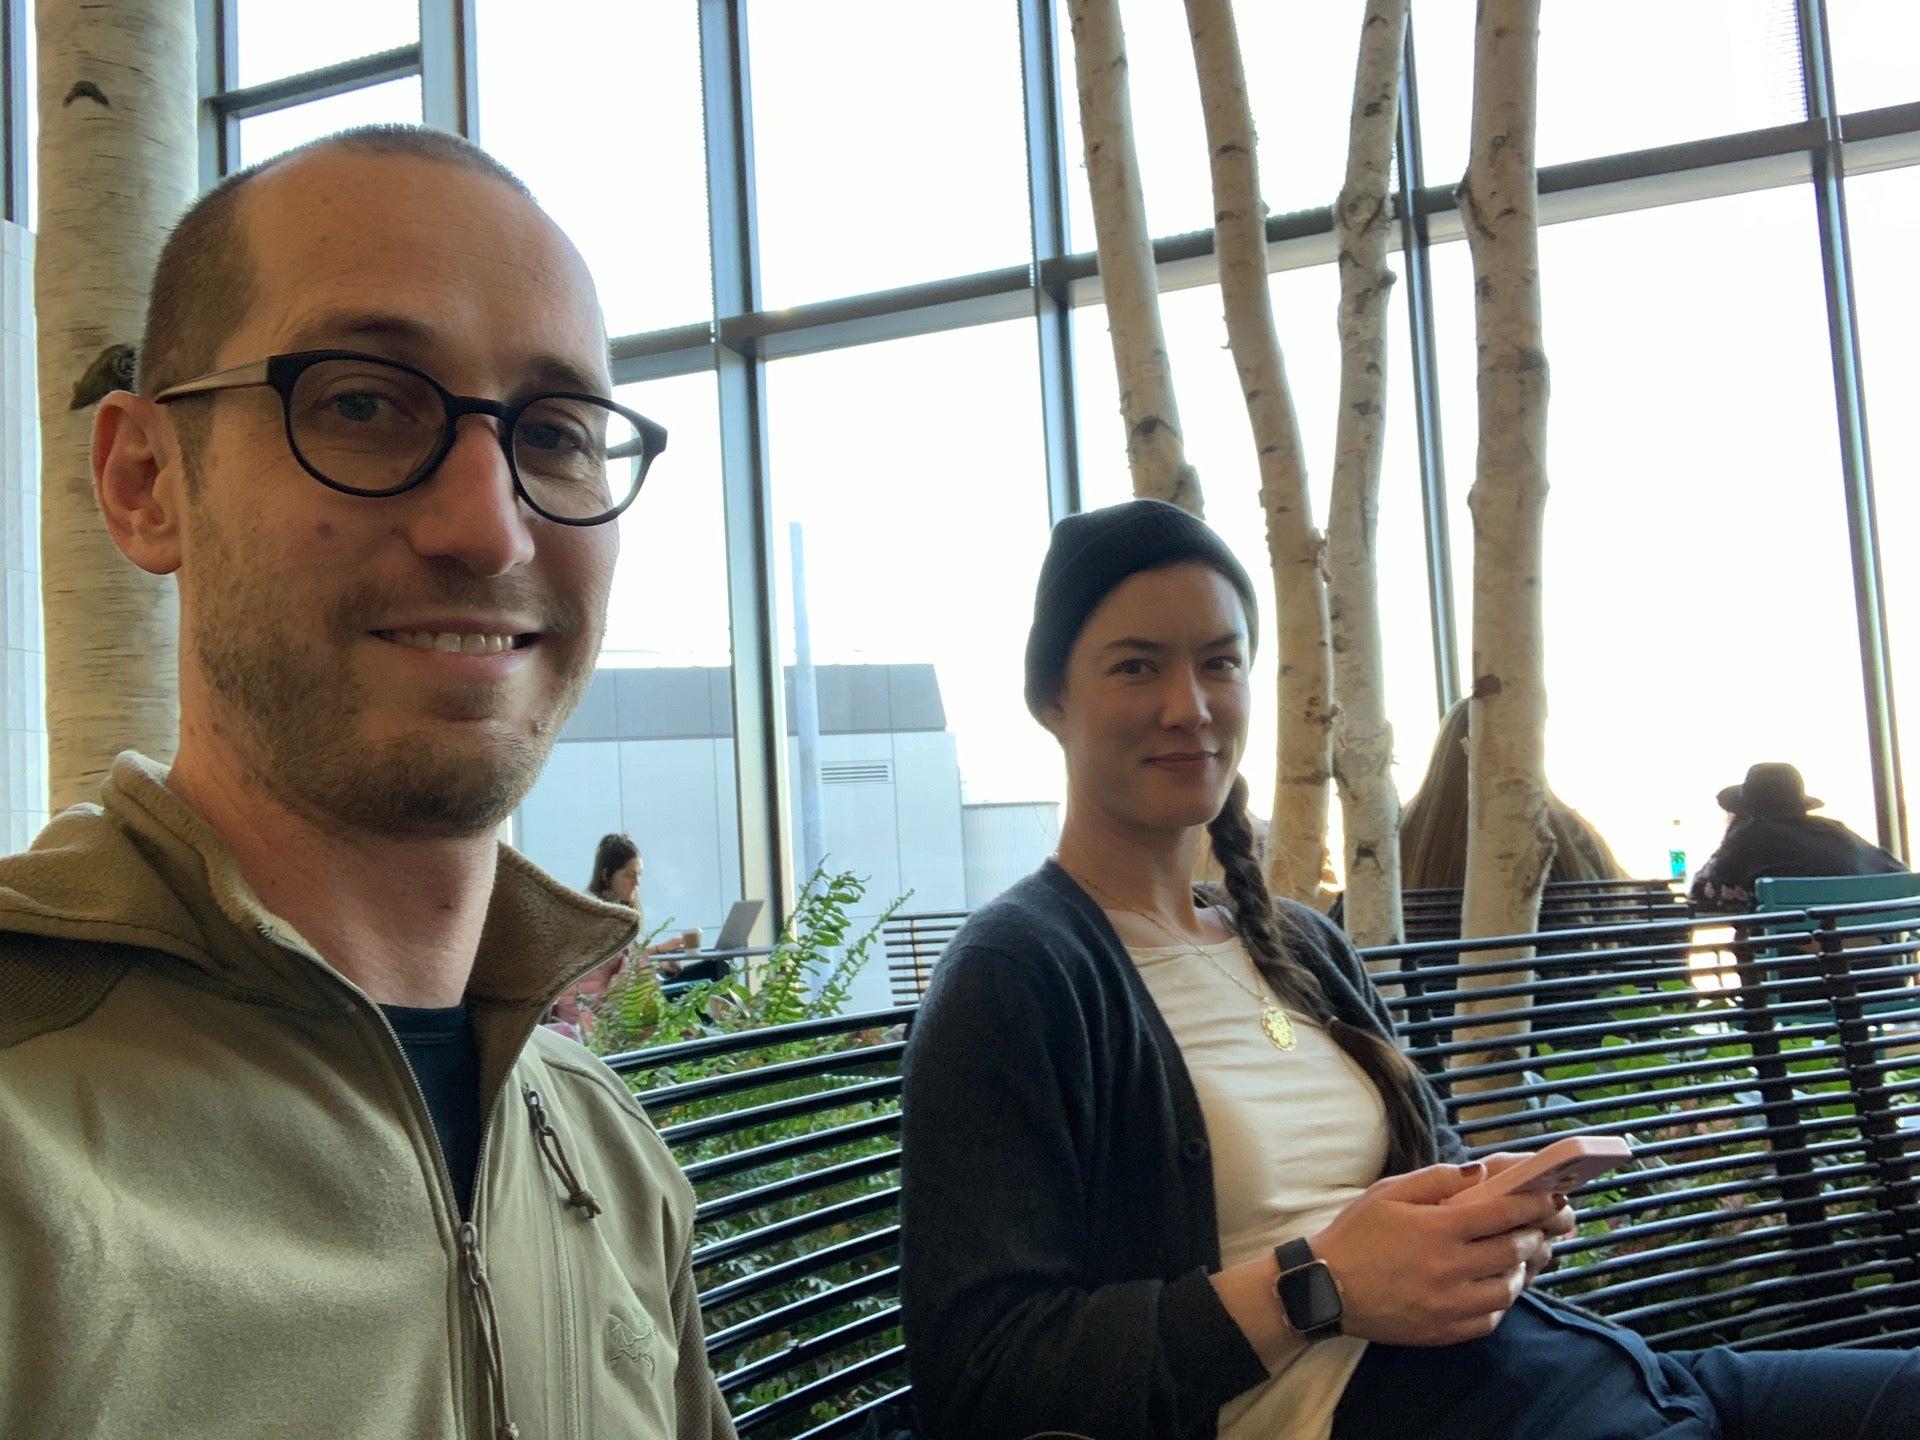 Checked in at LaGuardia Airport (LGA)